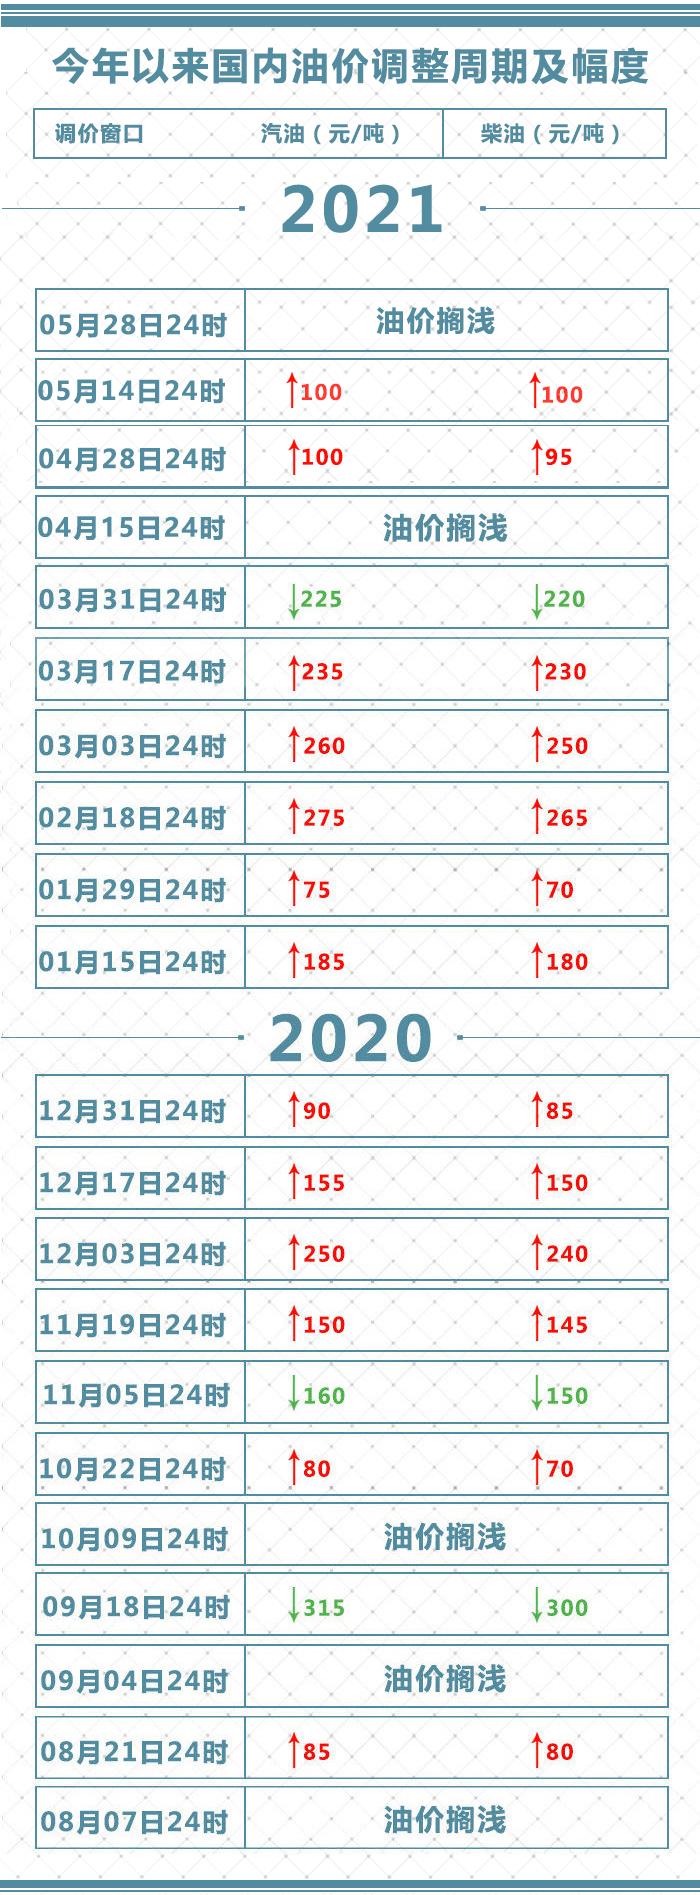 财经TOP10|国内成品油价格不调整 2021年油价七涨一跌两搁浅